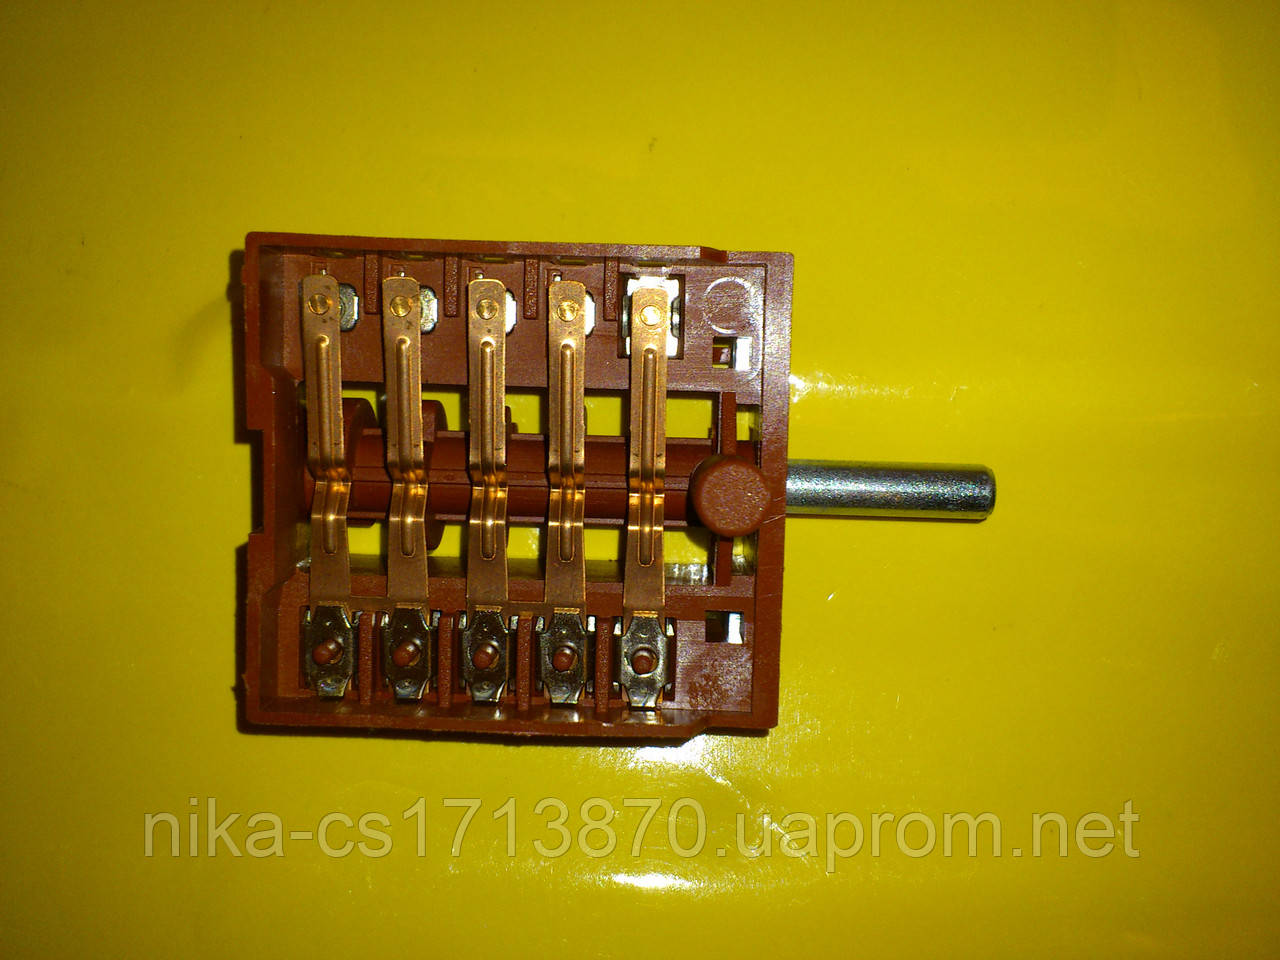 Переключатель ВС5-11 505 7-ми позиционный производство Турция